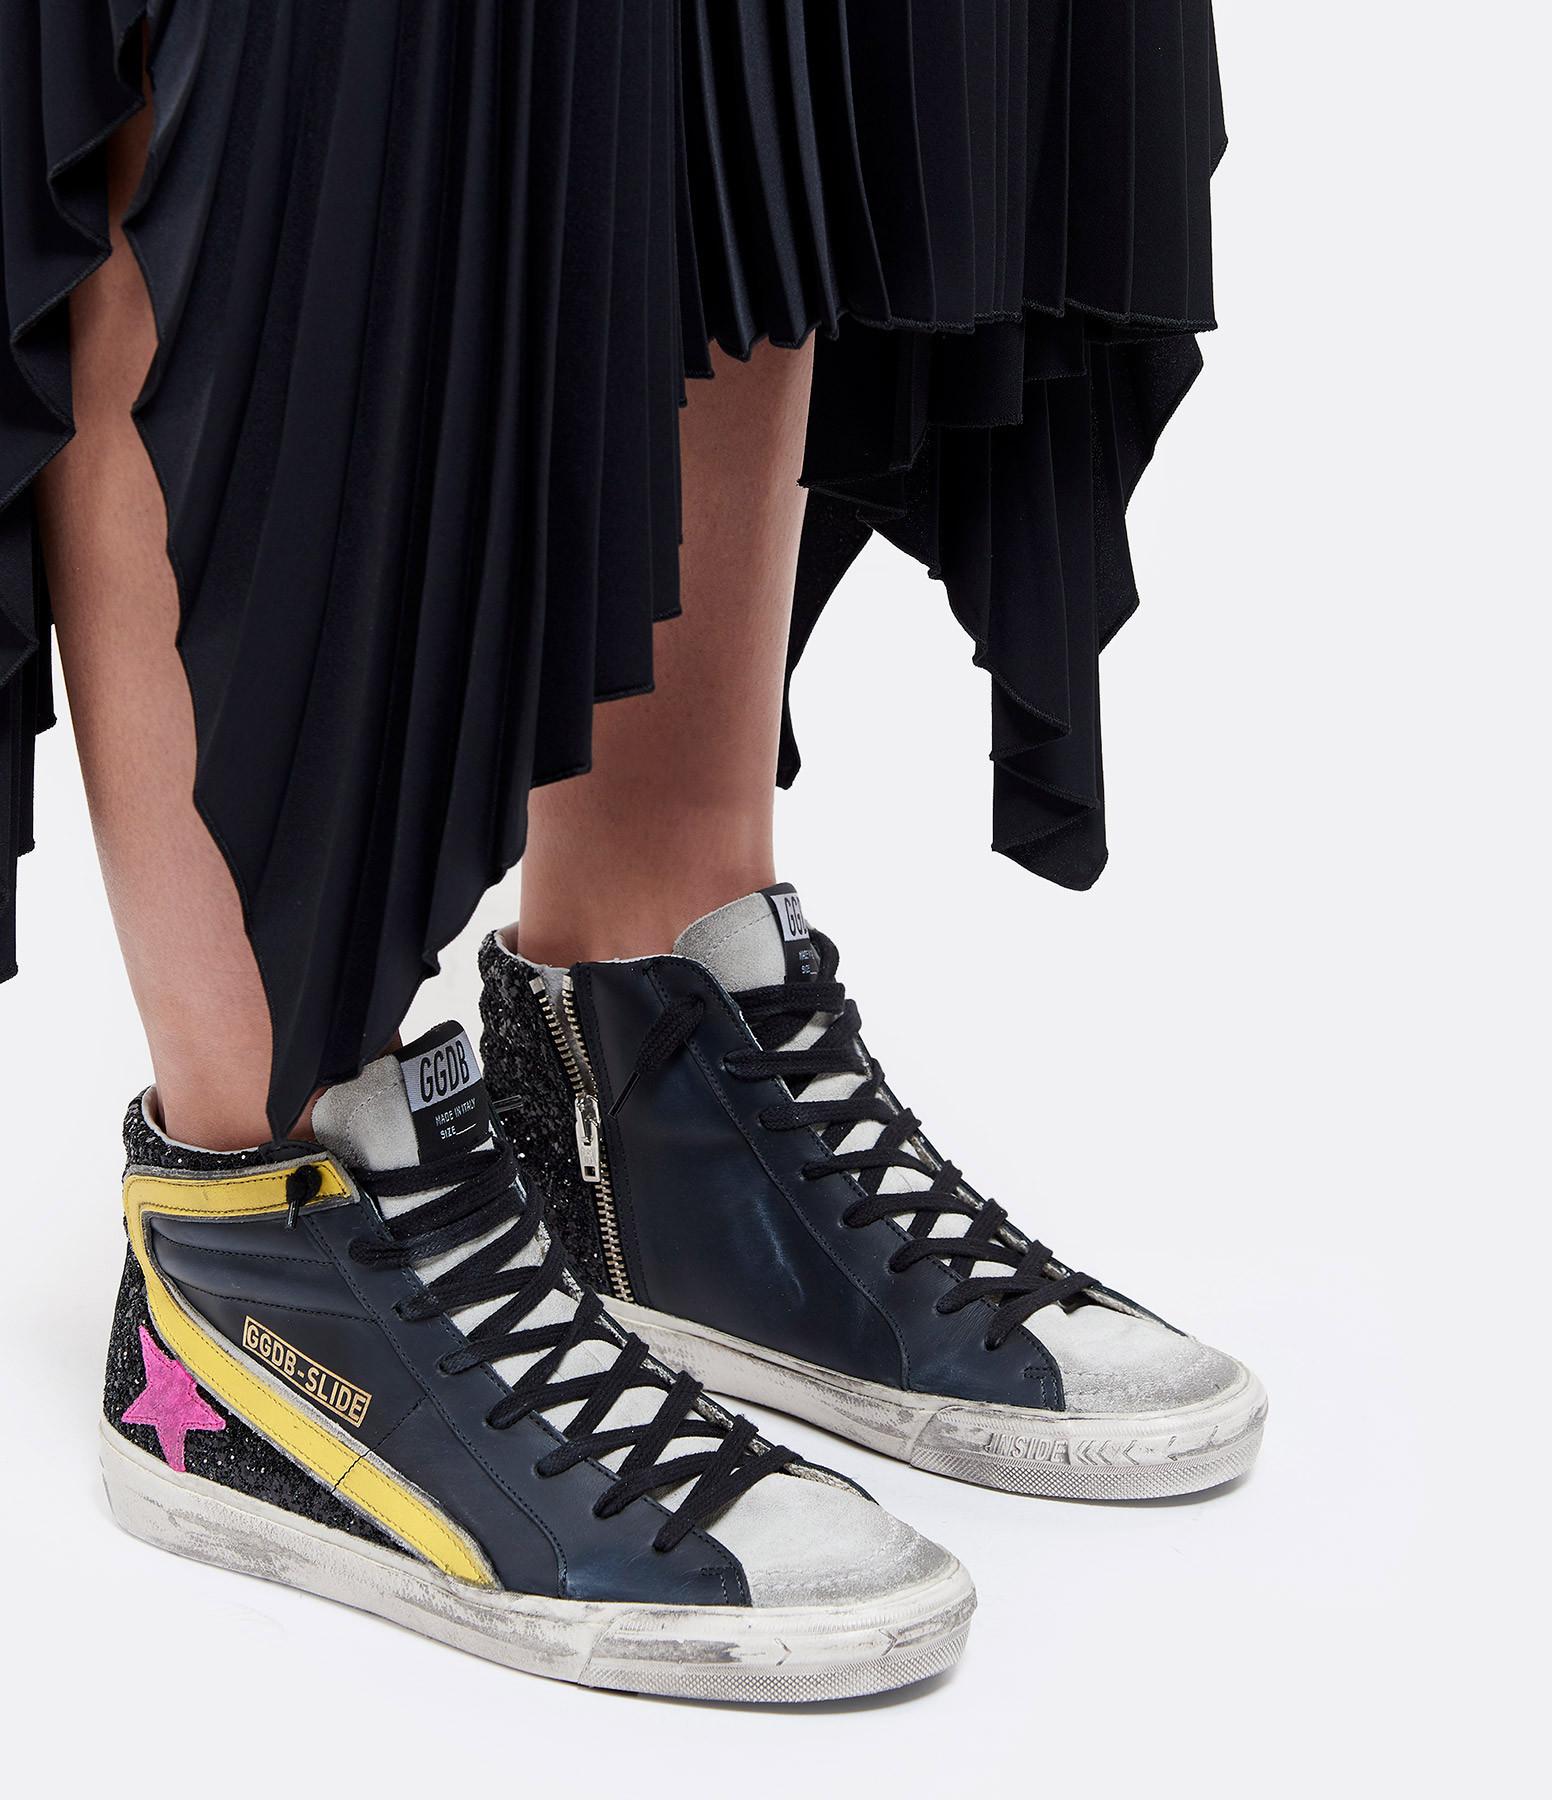 GOLDEN GOOSE - Baskets Slide Cuir Paillettes Noir Jaune